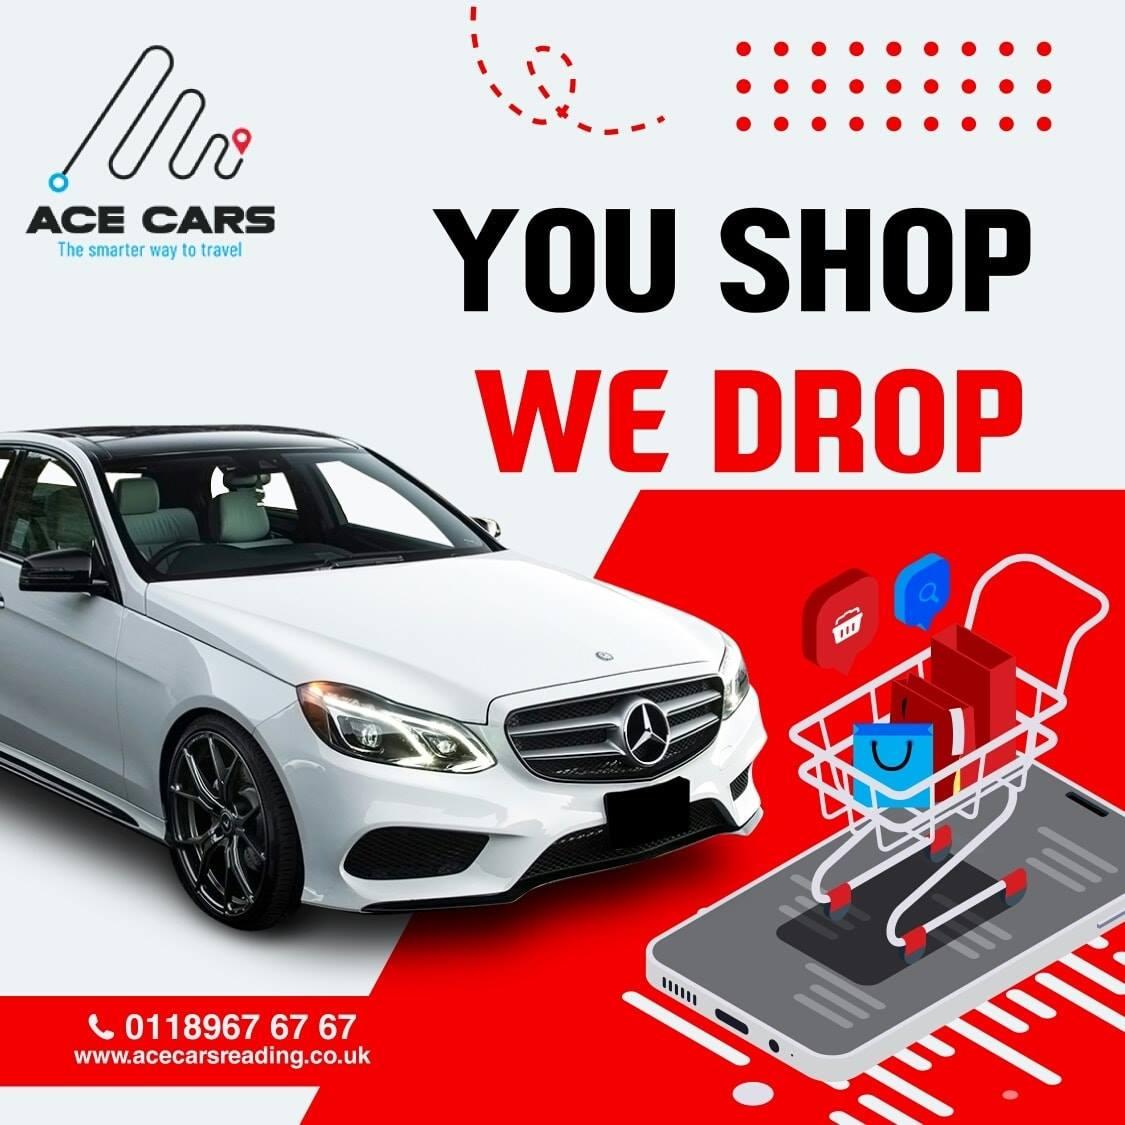 You shop we drop